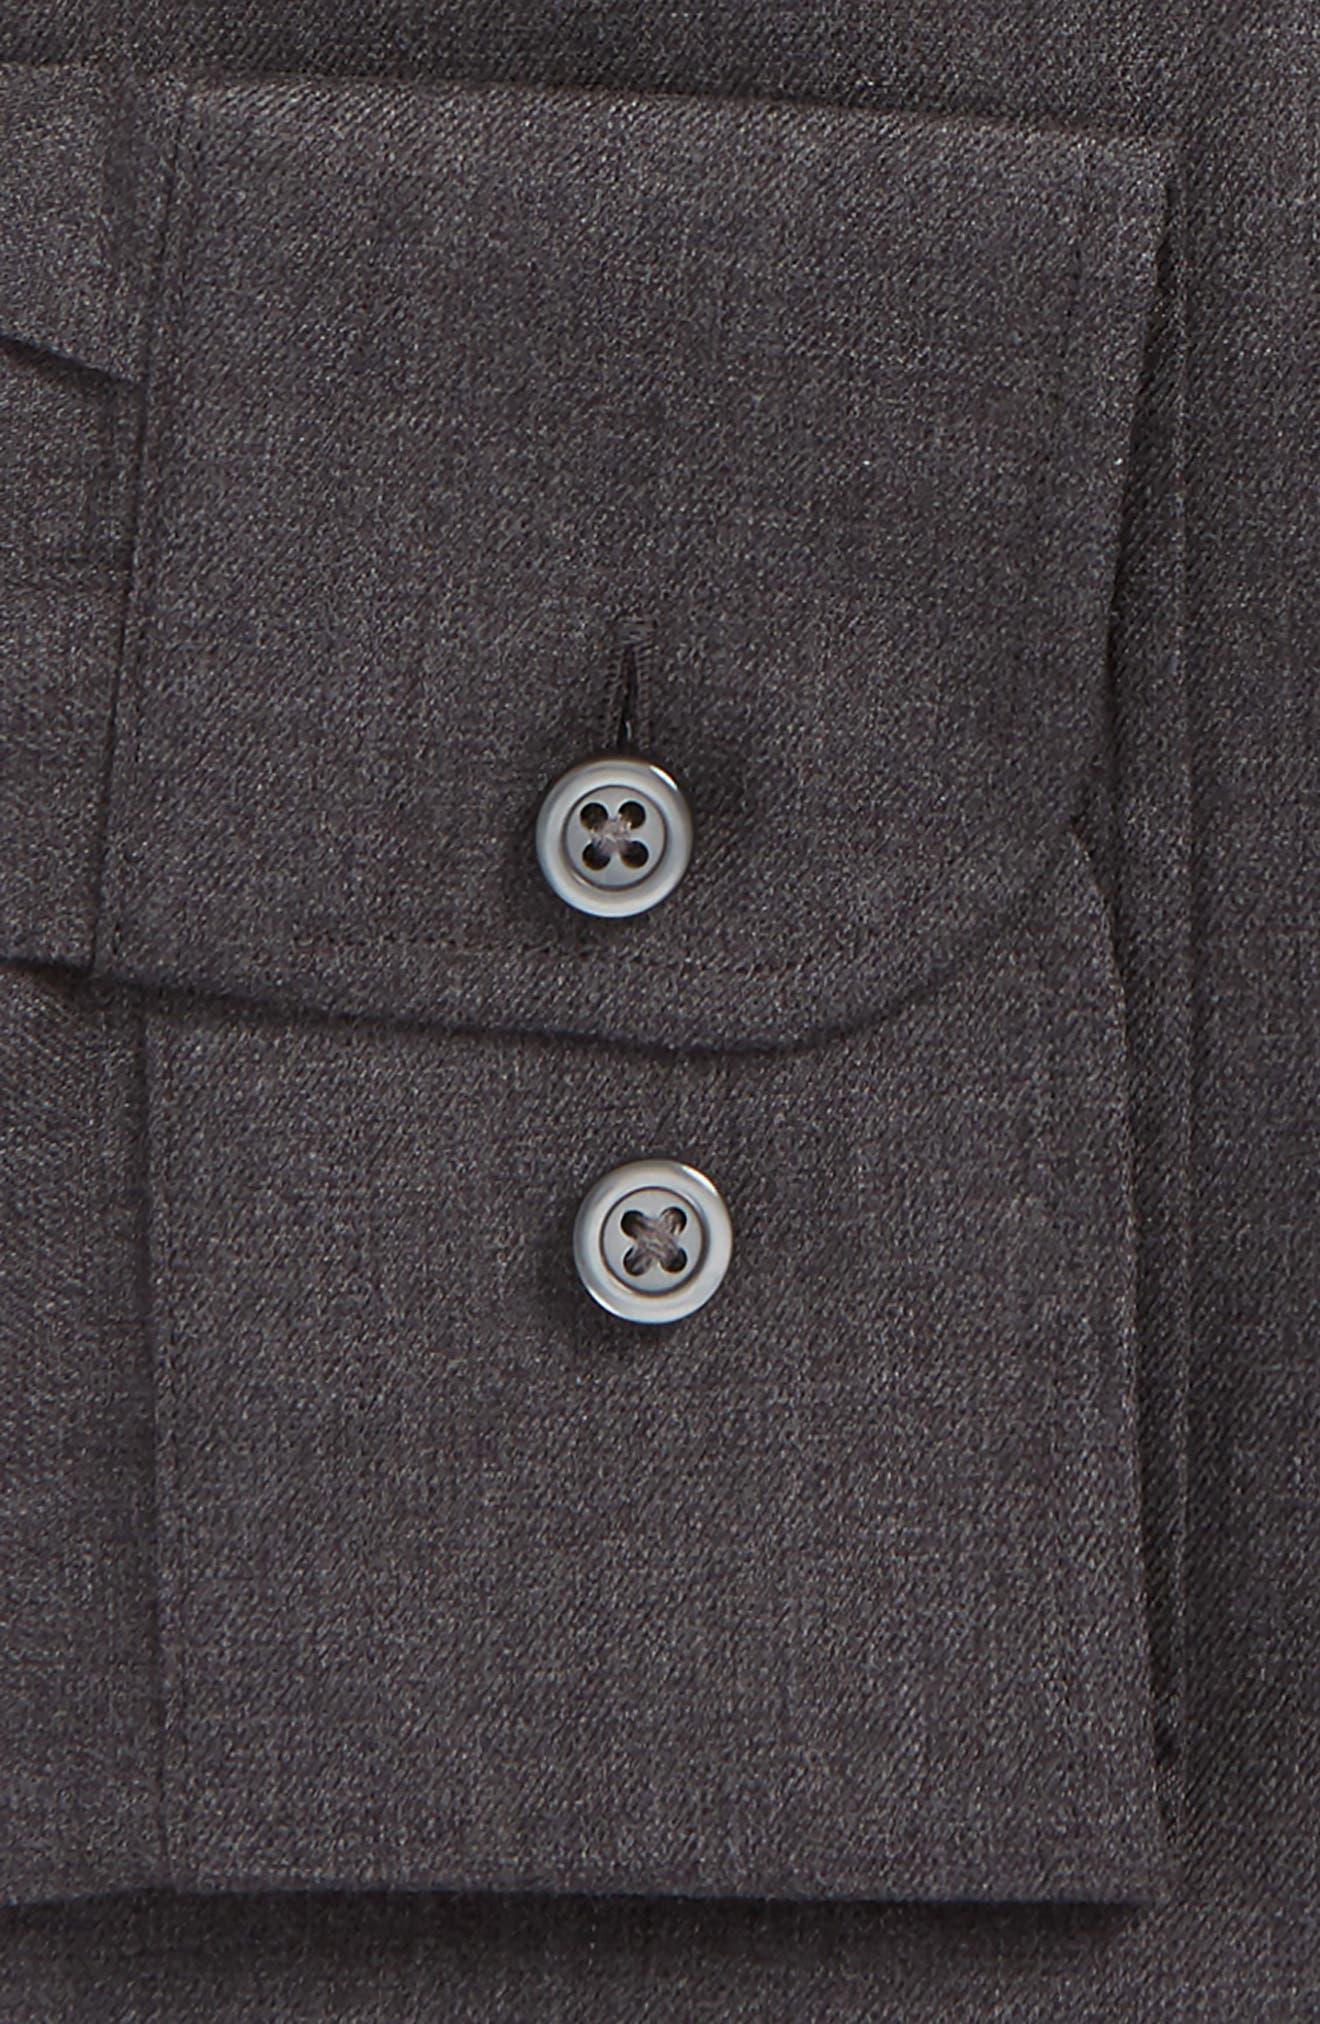 Trim Fit Solid Dress Shirt,                             Alternate thumbnail 3, color,